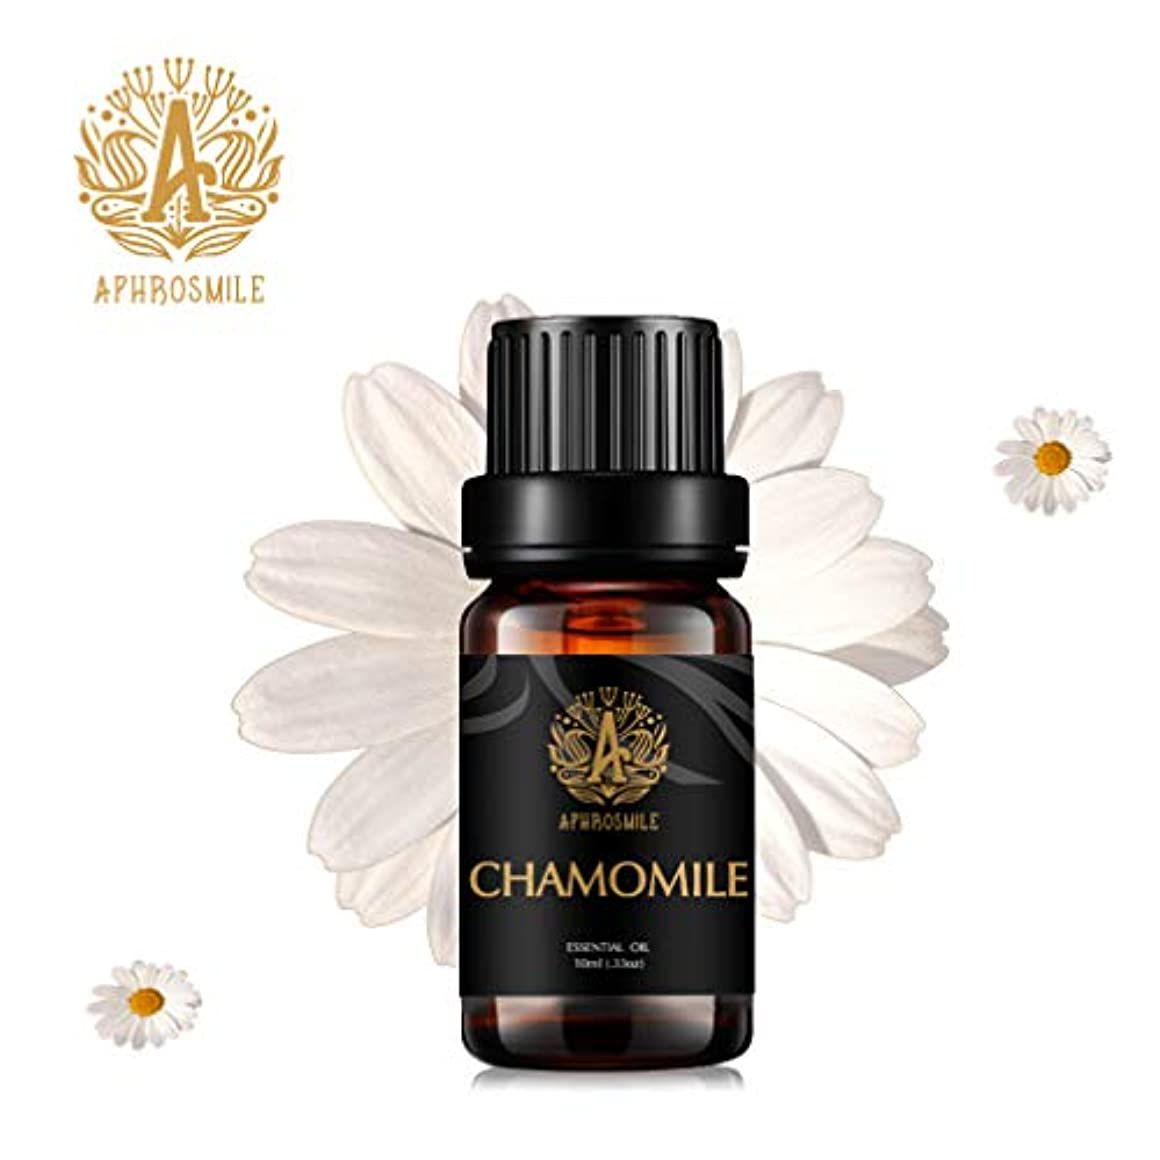 ダブル先のことを考えるすべきカモミールエッセンシャルオイル、100%純粋なアロマセラピーエッセンシャルオイルカモミールの香り、不安を和らげます、治療上の等級の精油のカモミールの芳香のために拡散器、マッサージ、加湿器、毎日の心配、0.33オンス-10ml